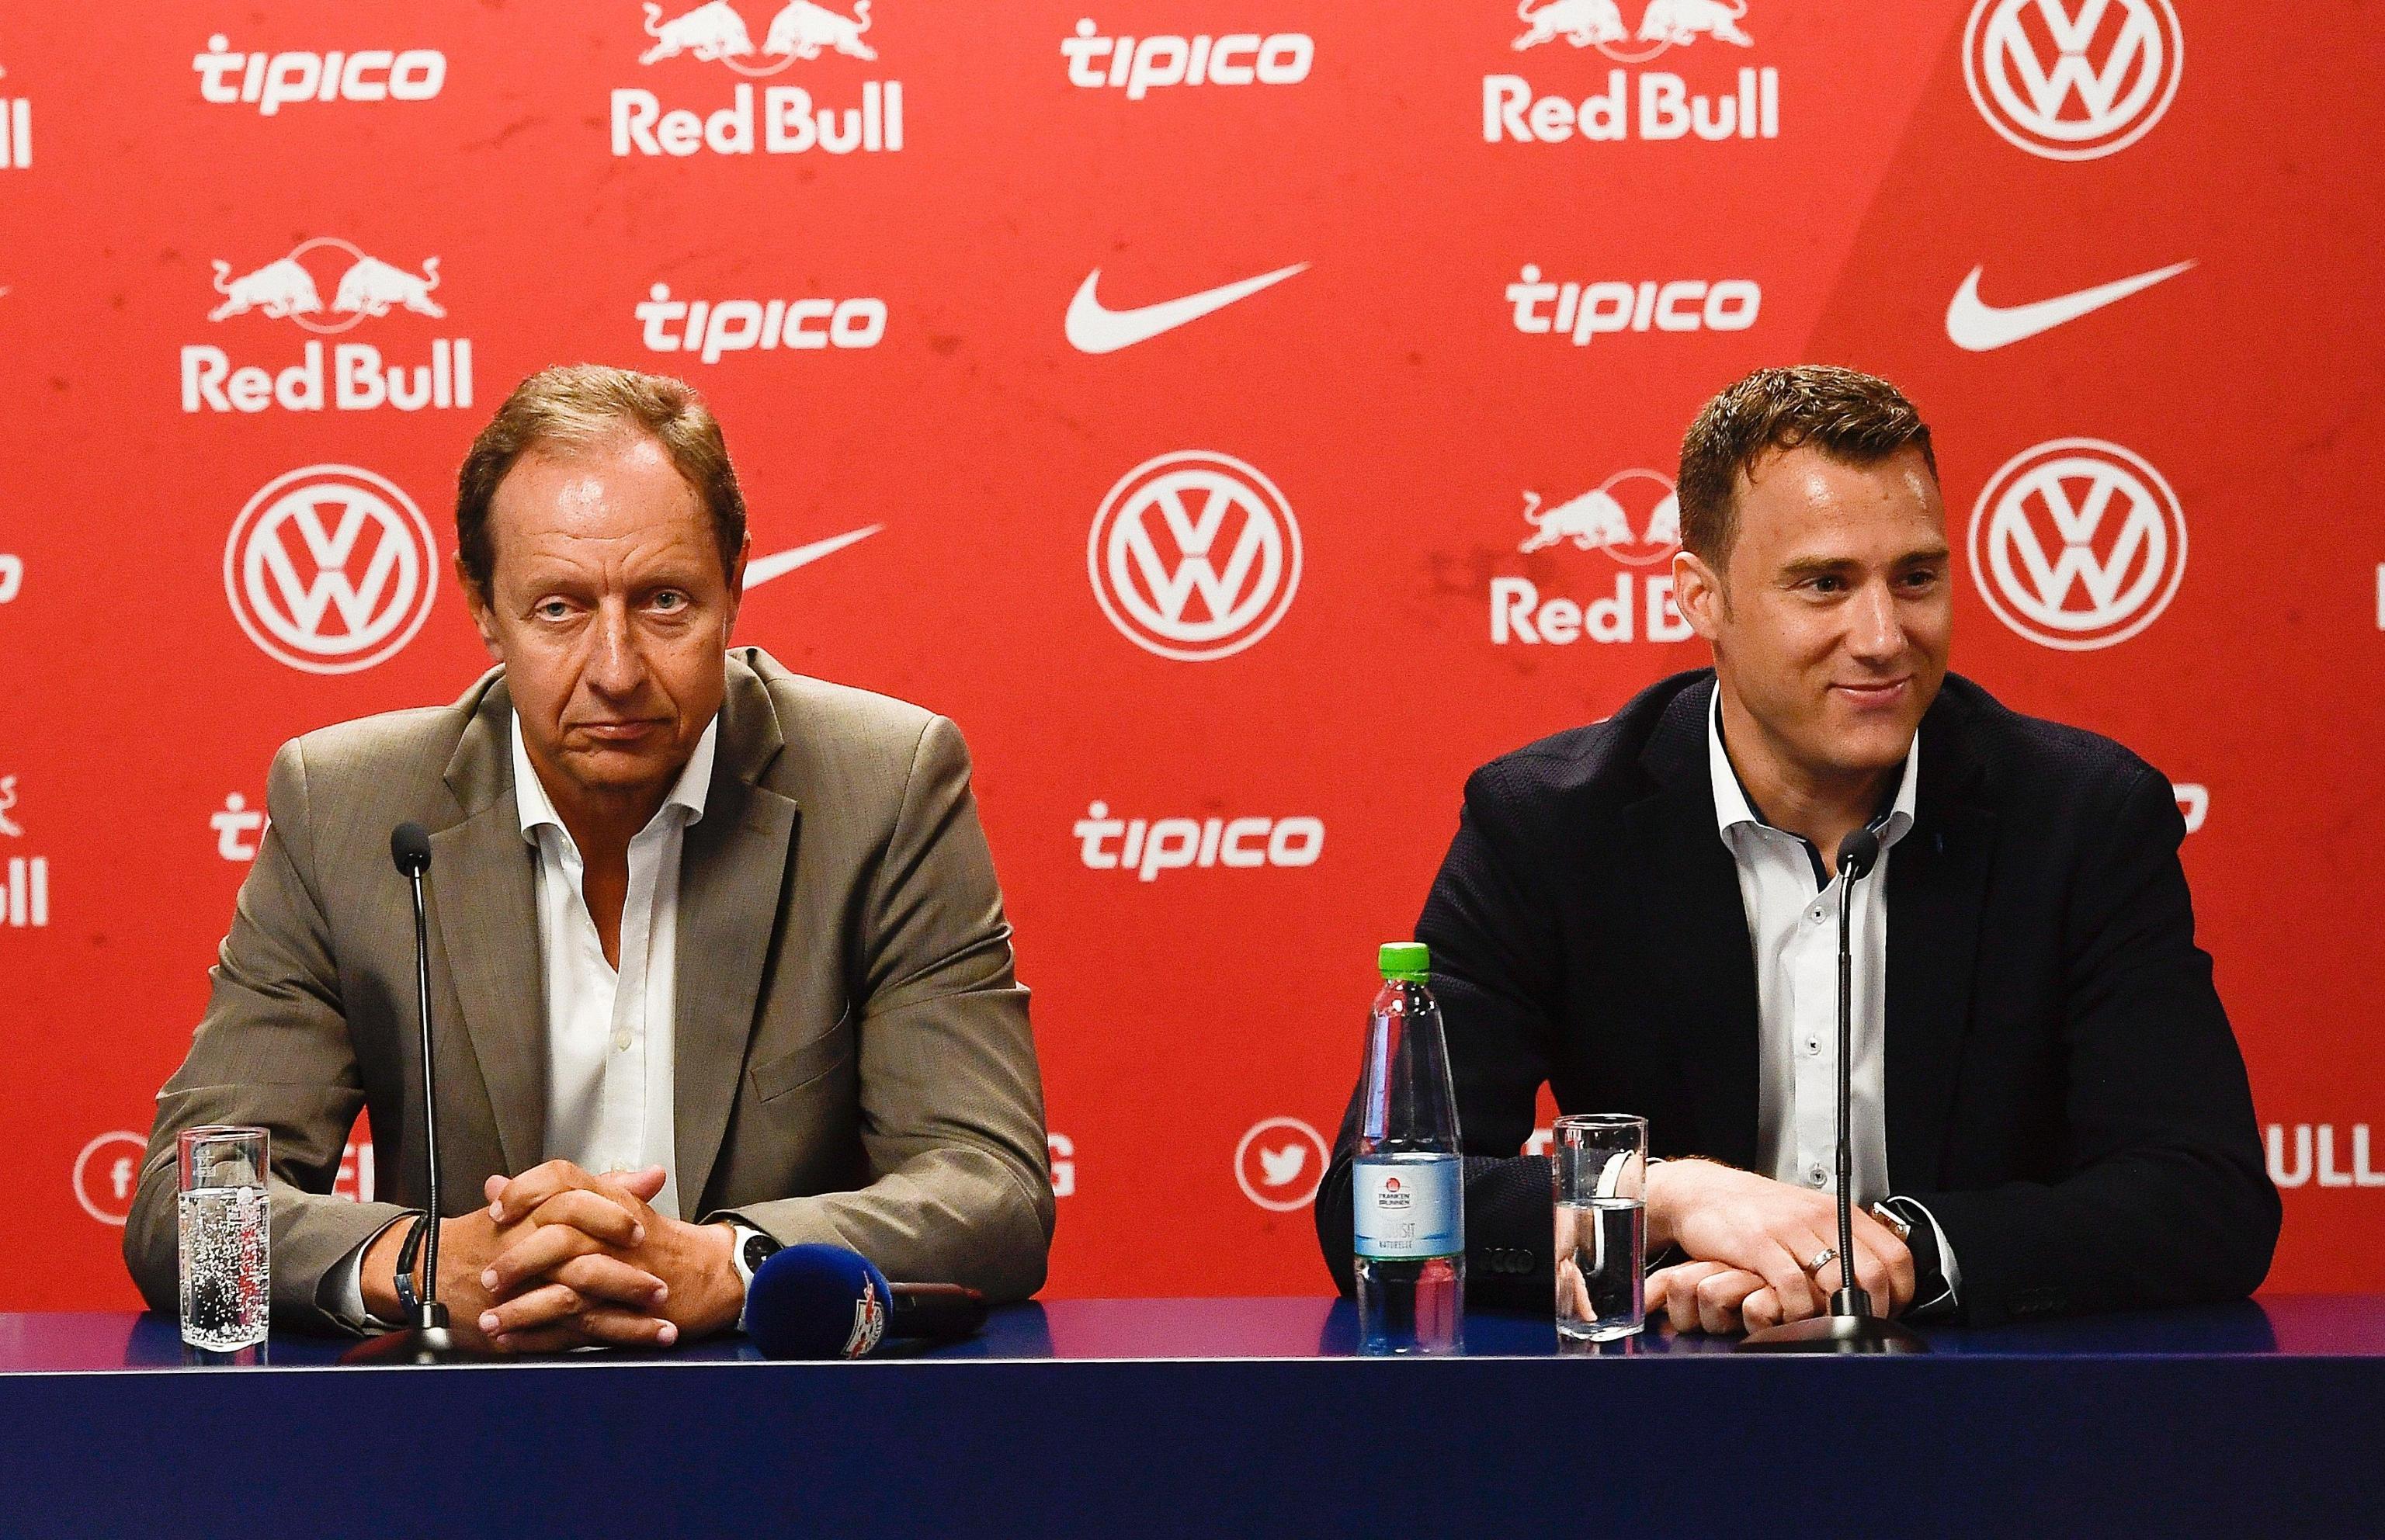 Moviola scuote Bundesliga, via capo Var